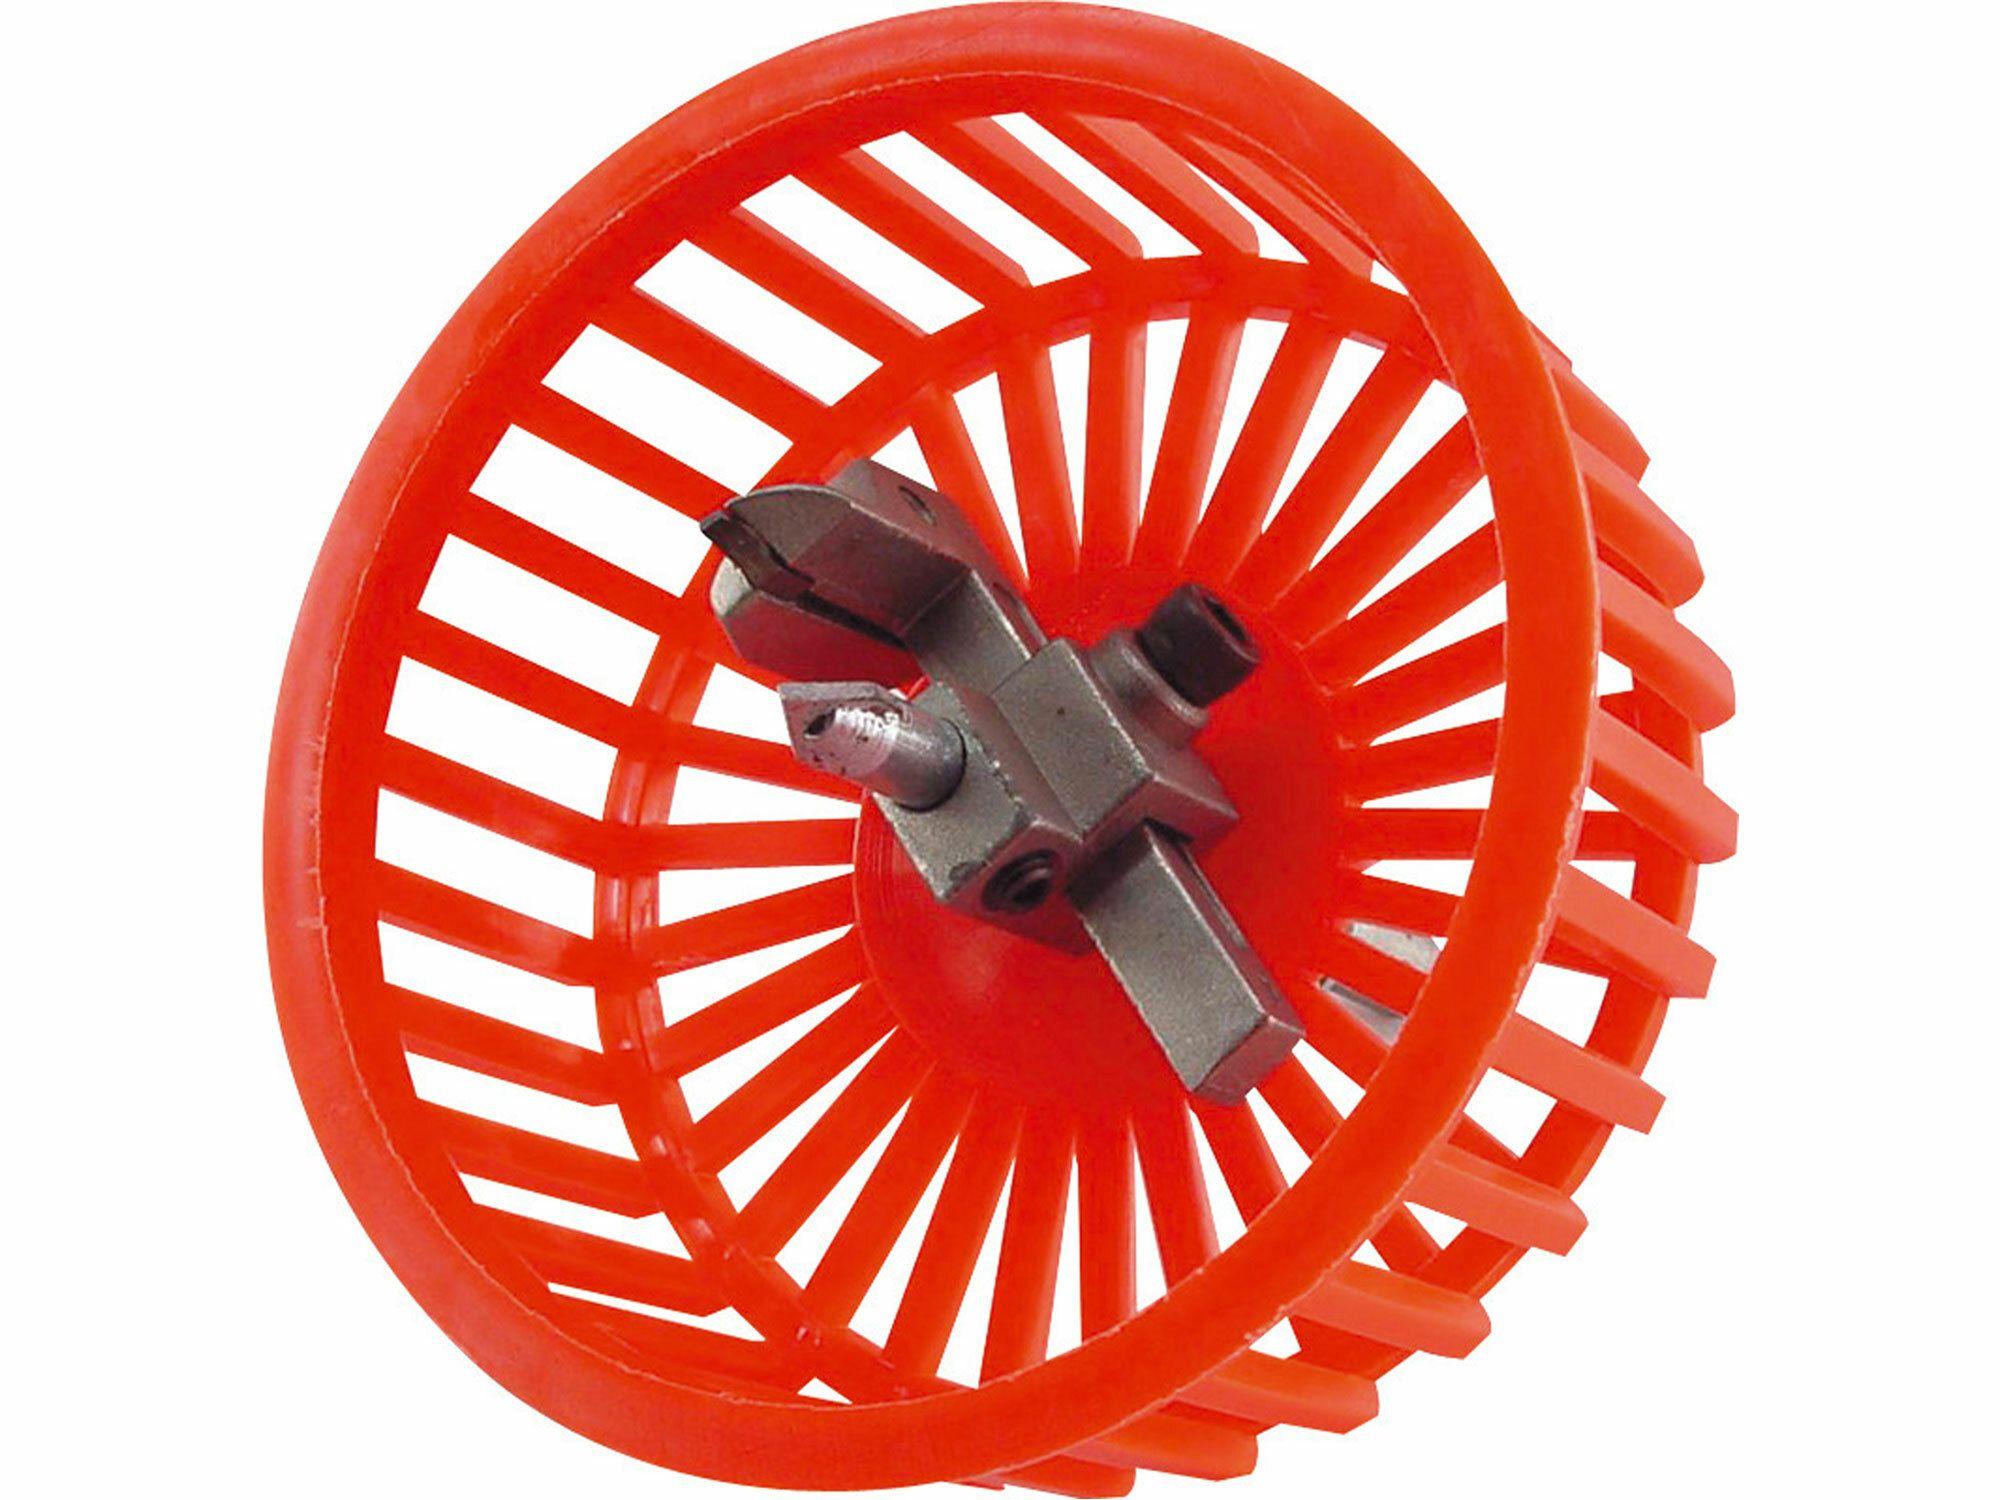 Řezač otvorů do kachliček s krytem, O 20-94mm, uchycení do vrtačky, EXTOL CRAFT